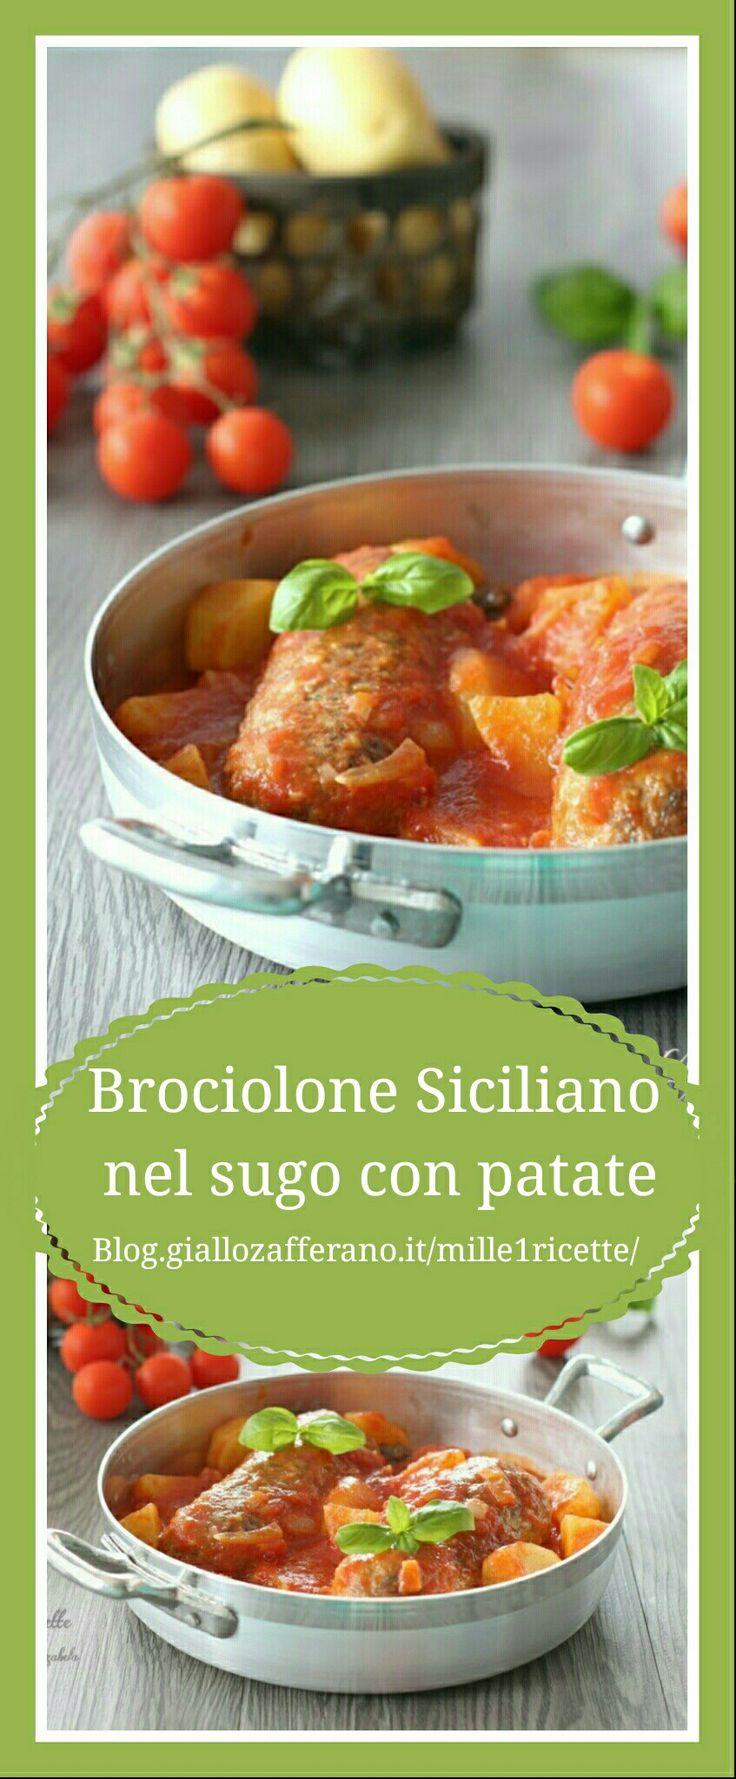 Brociolone Siciliano nel sugo con patate   ➡➡➡ http://blog.giallozafferano.it/mille1ricette/brociolone-siciliano-nel-sugo-con-patate/ Un secondo perfetto